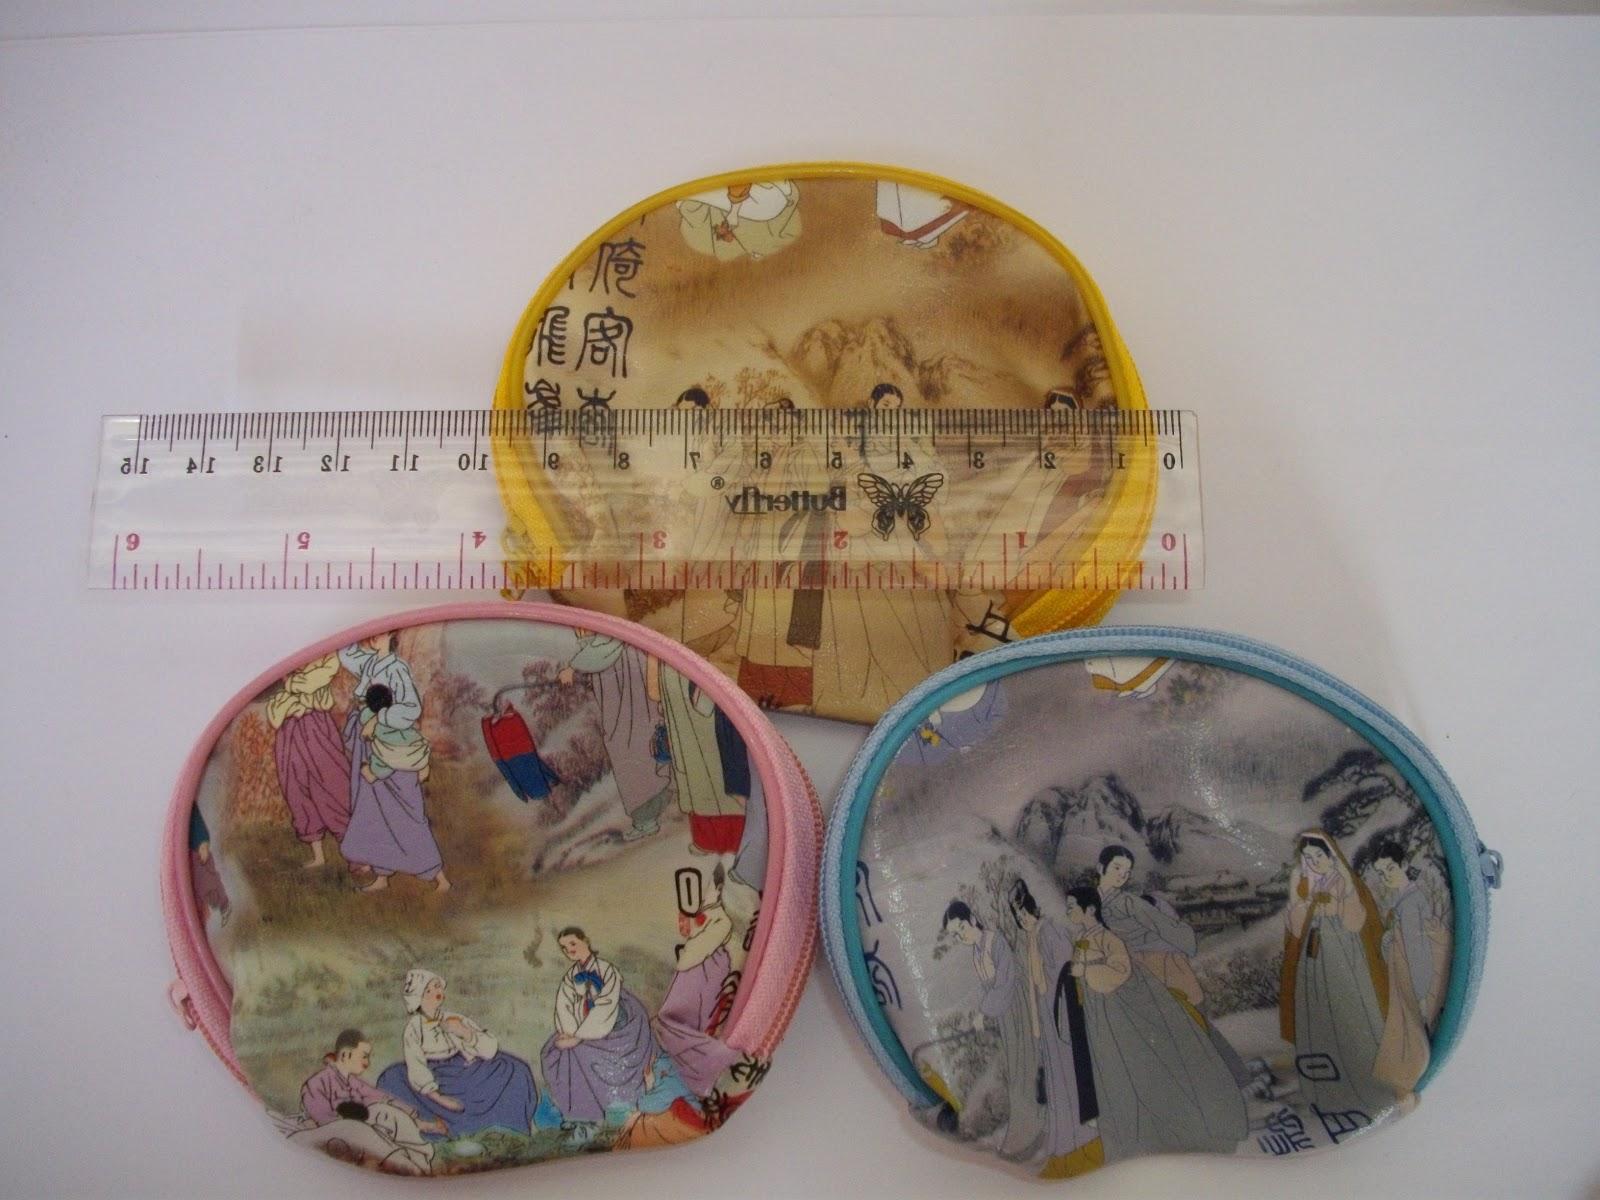 sudah termasuk kemas plastik nama kartu ucapan dompet korea seleting